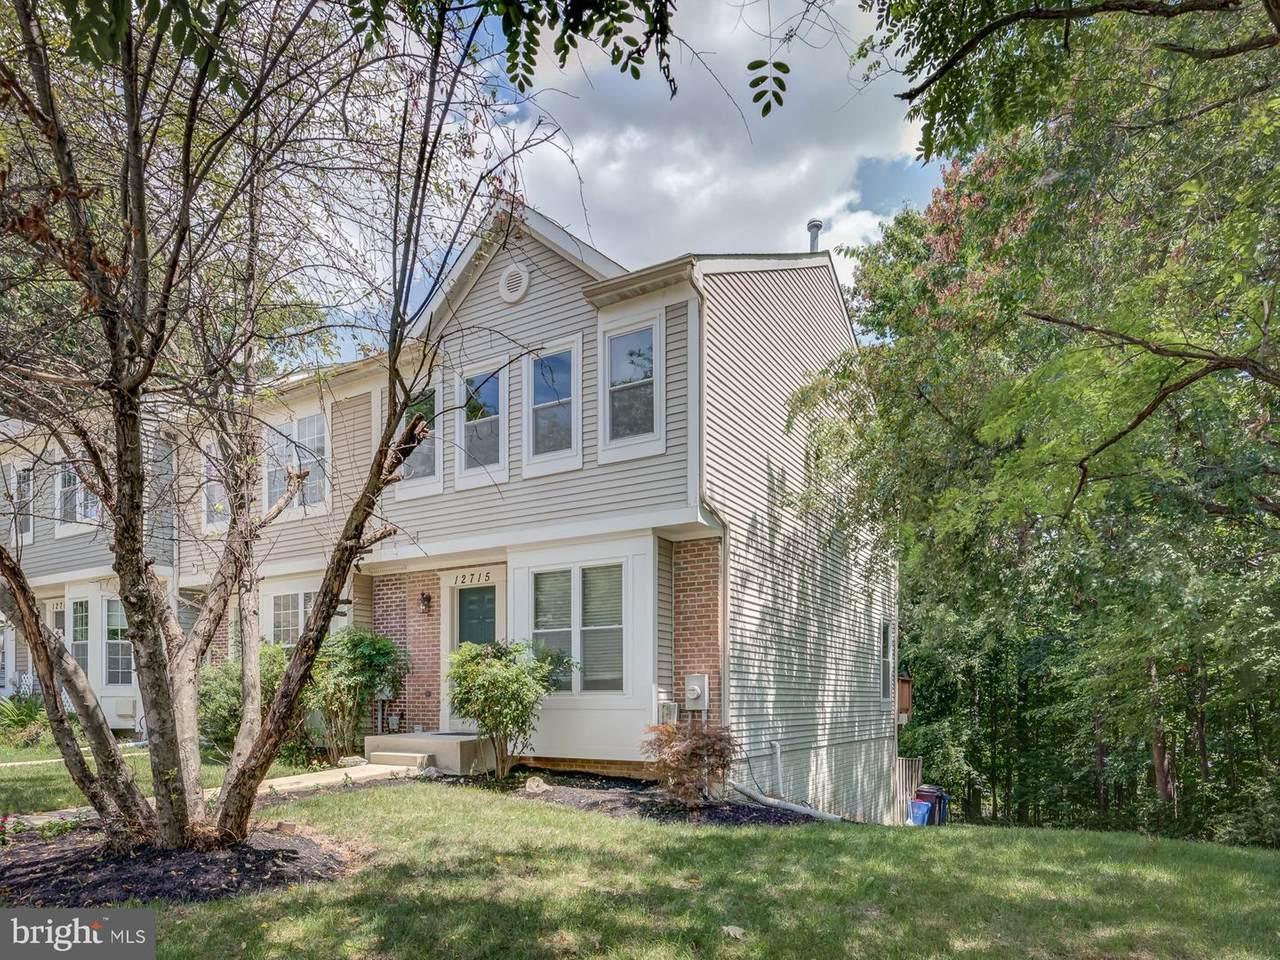 12715 Hawkshead Terrace - Photo 1